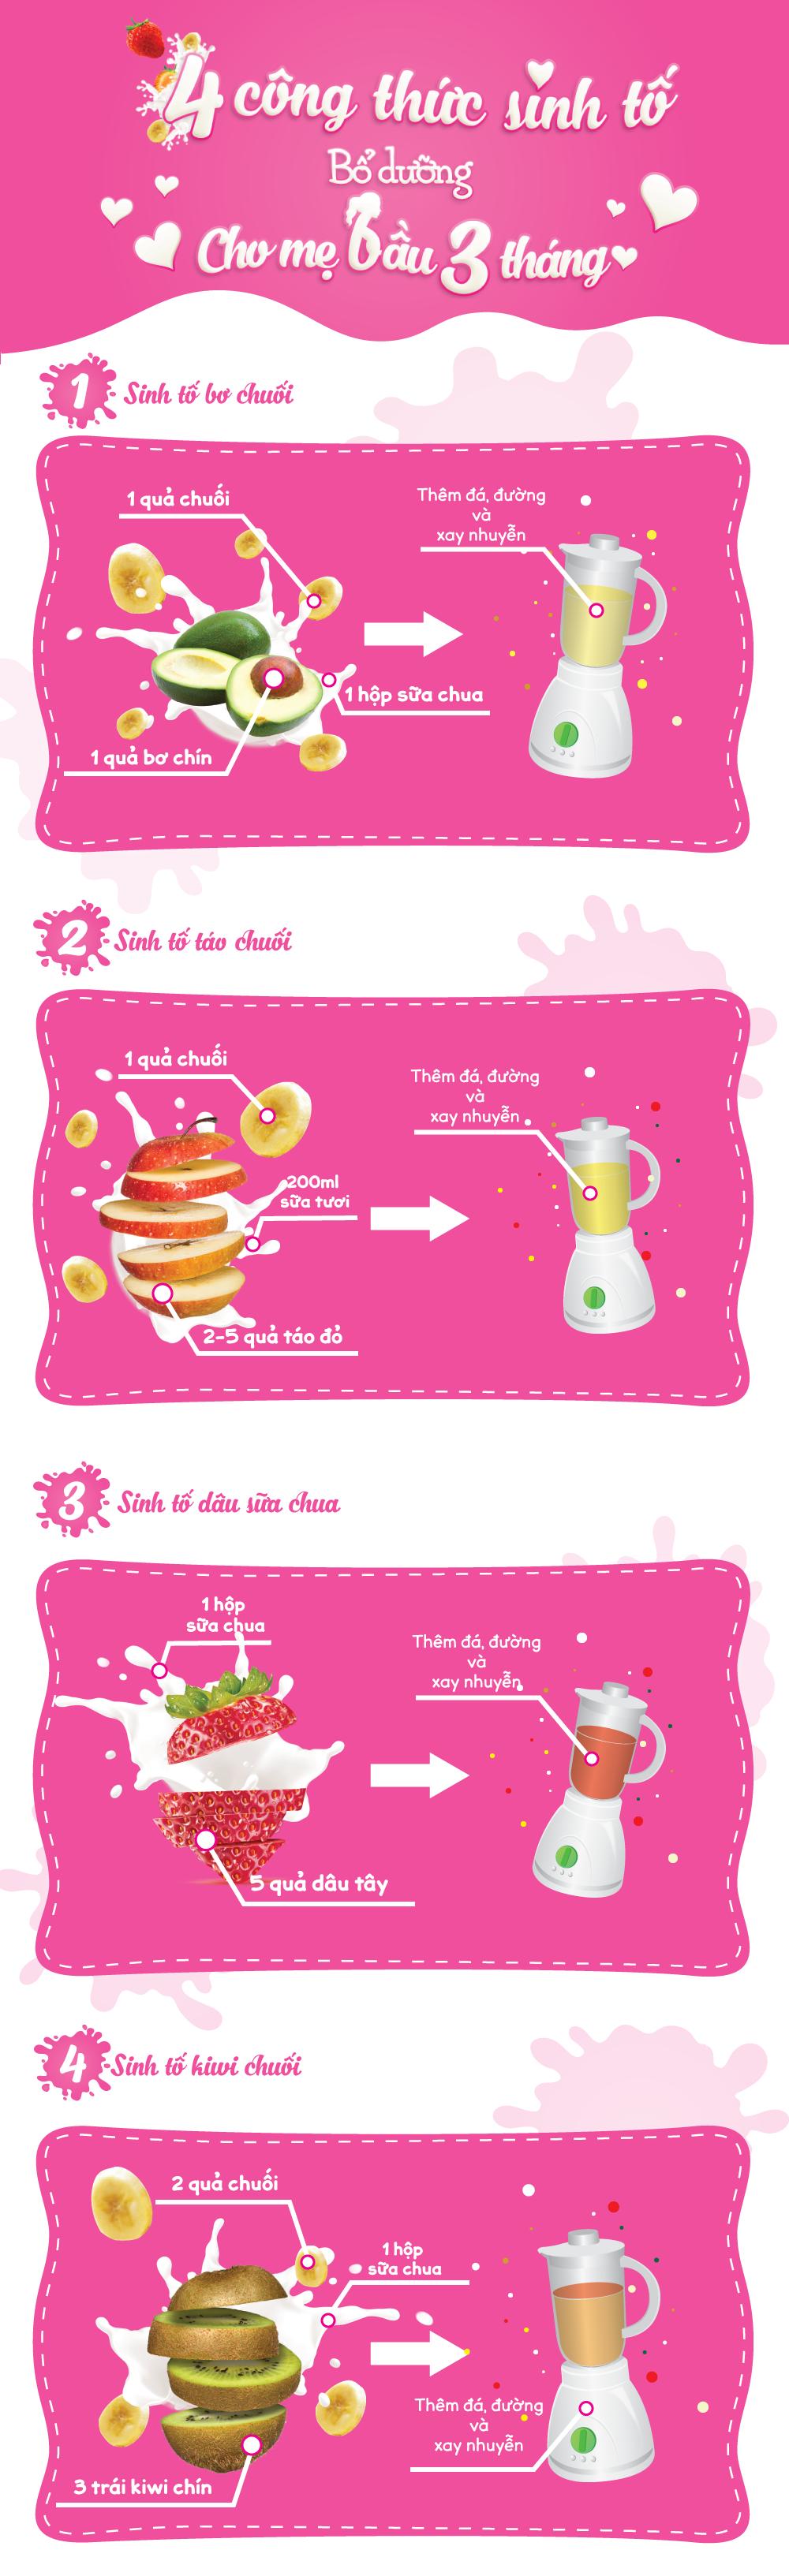 MD_DVD_PreIQ17_Infographic 05_v2.1